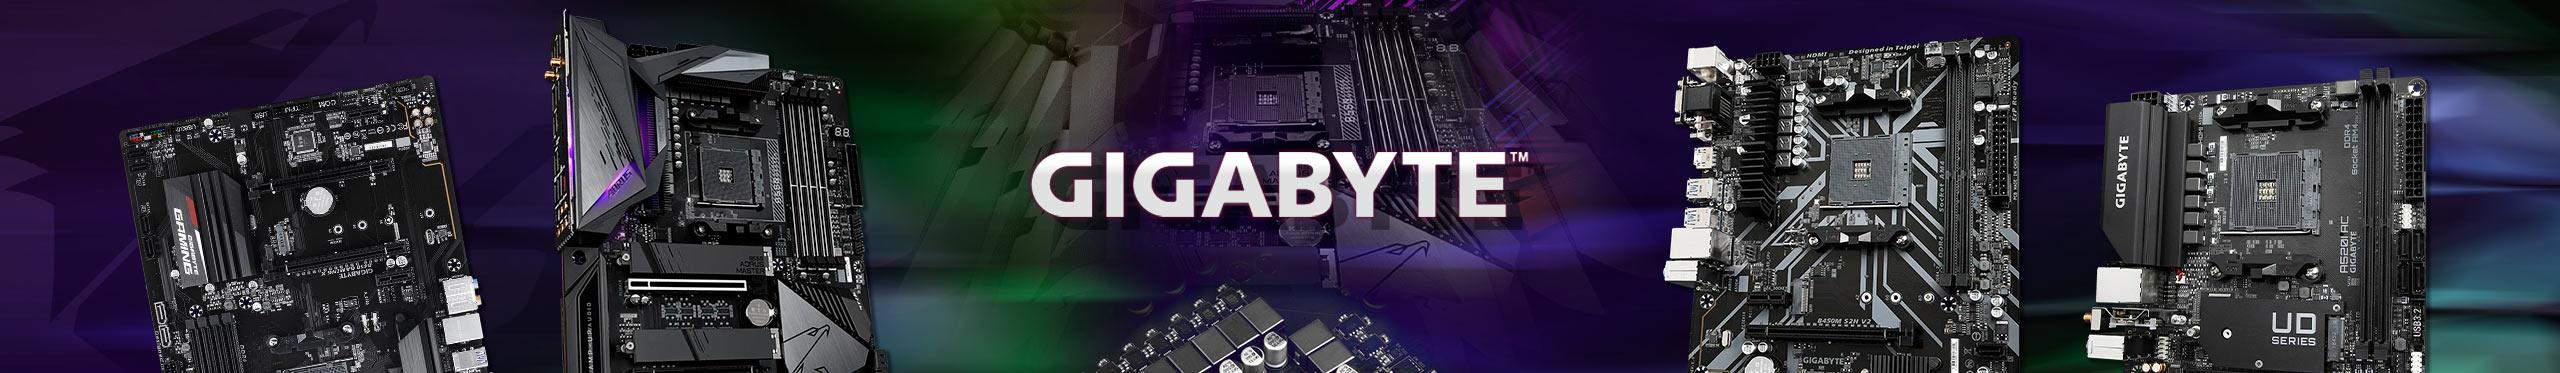 Banner Gigabyte